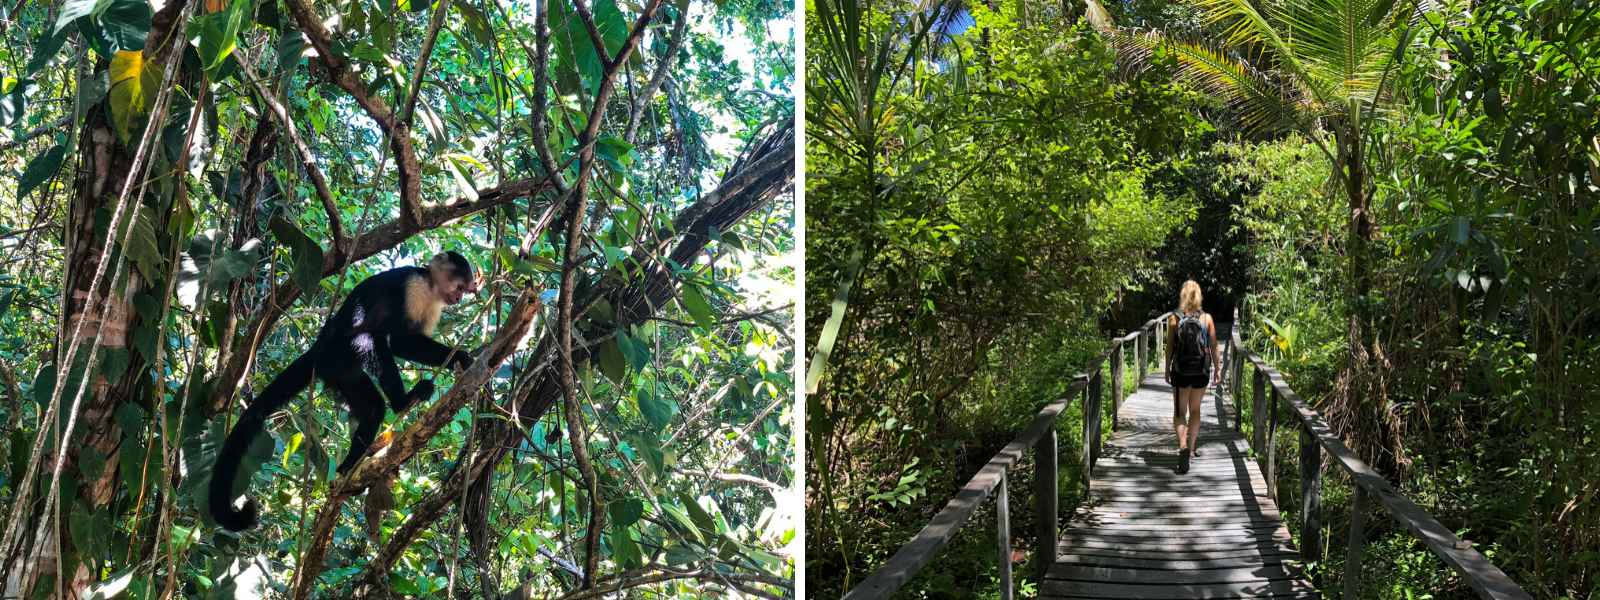 Puerto Viejo bezienswaardigheid: bezoek Cahuita National Park